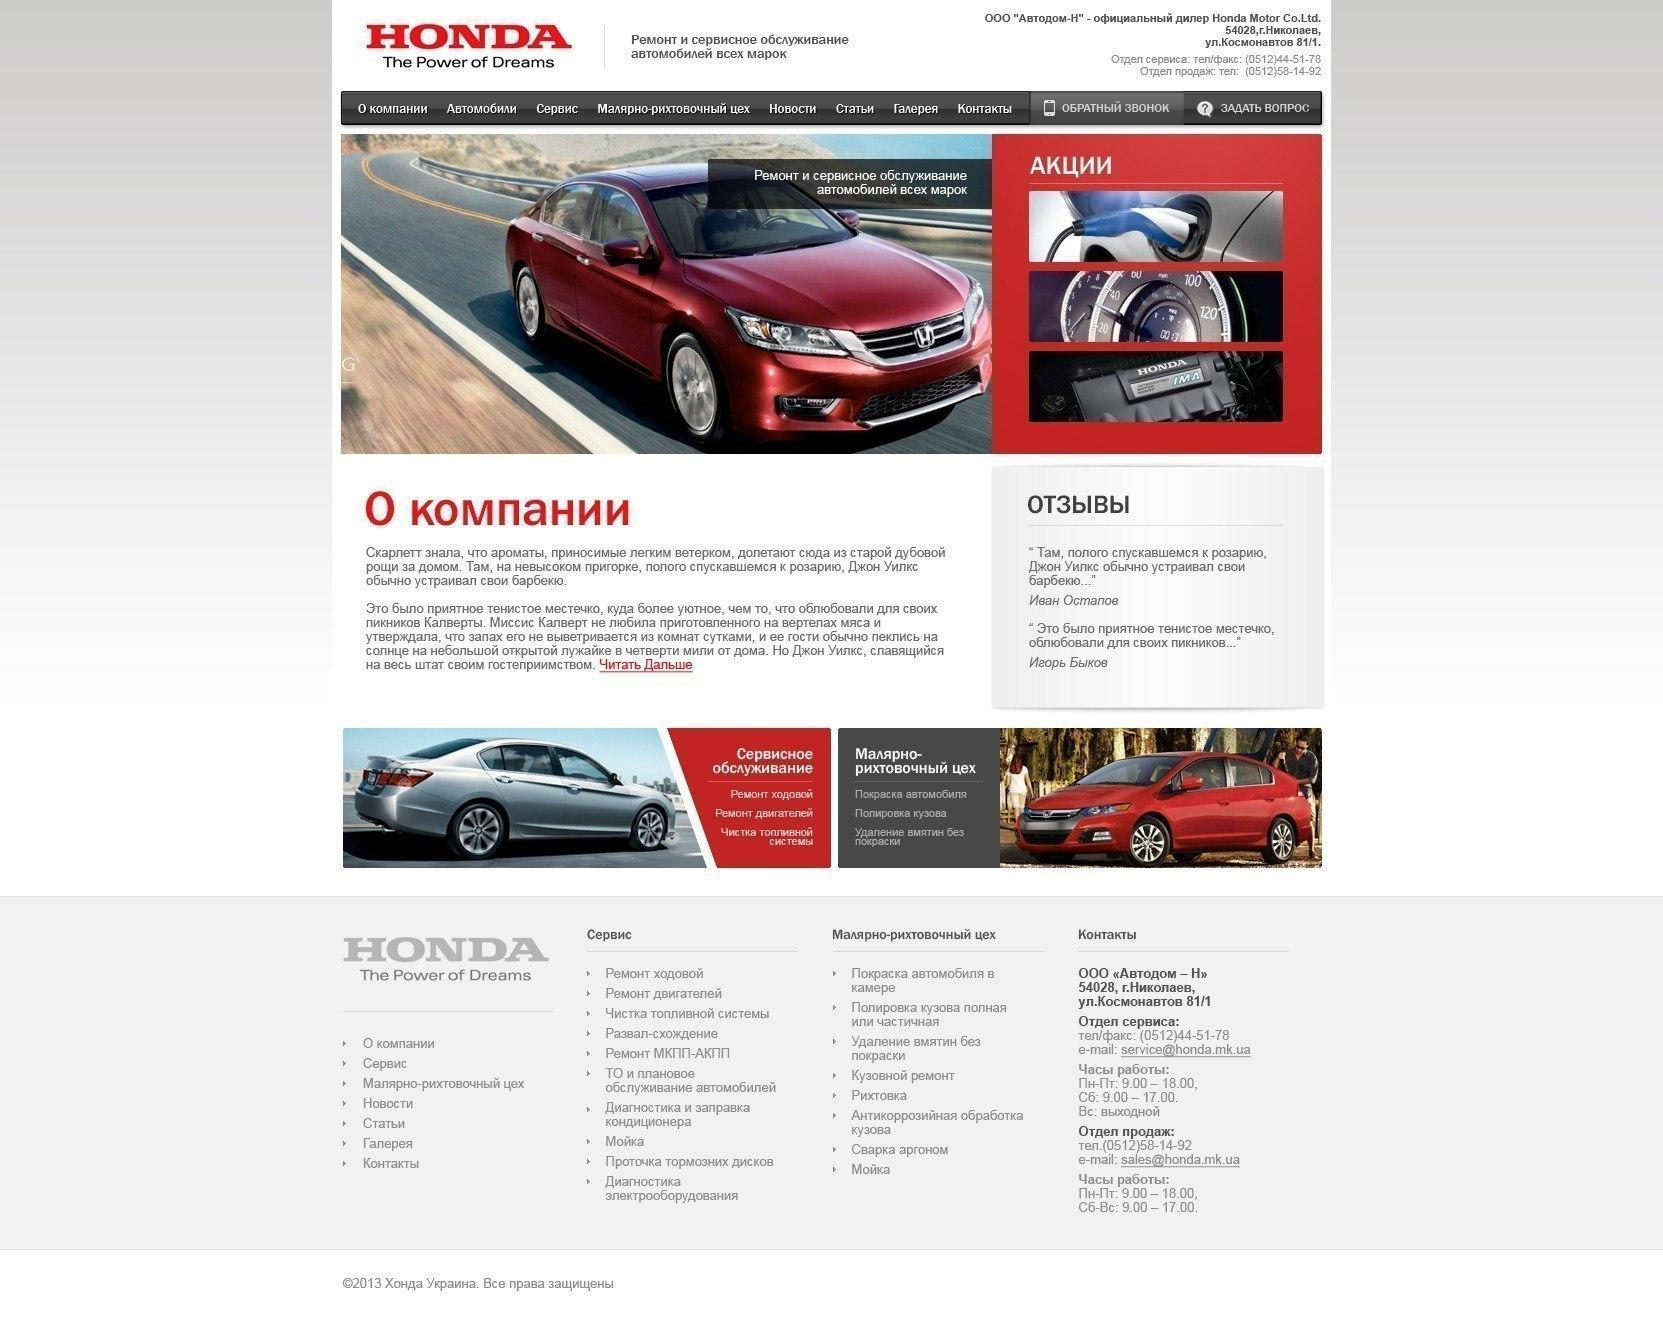 Мотоциклы Honda 2015 Описание и цены | Major — официальный ...